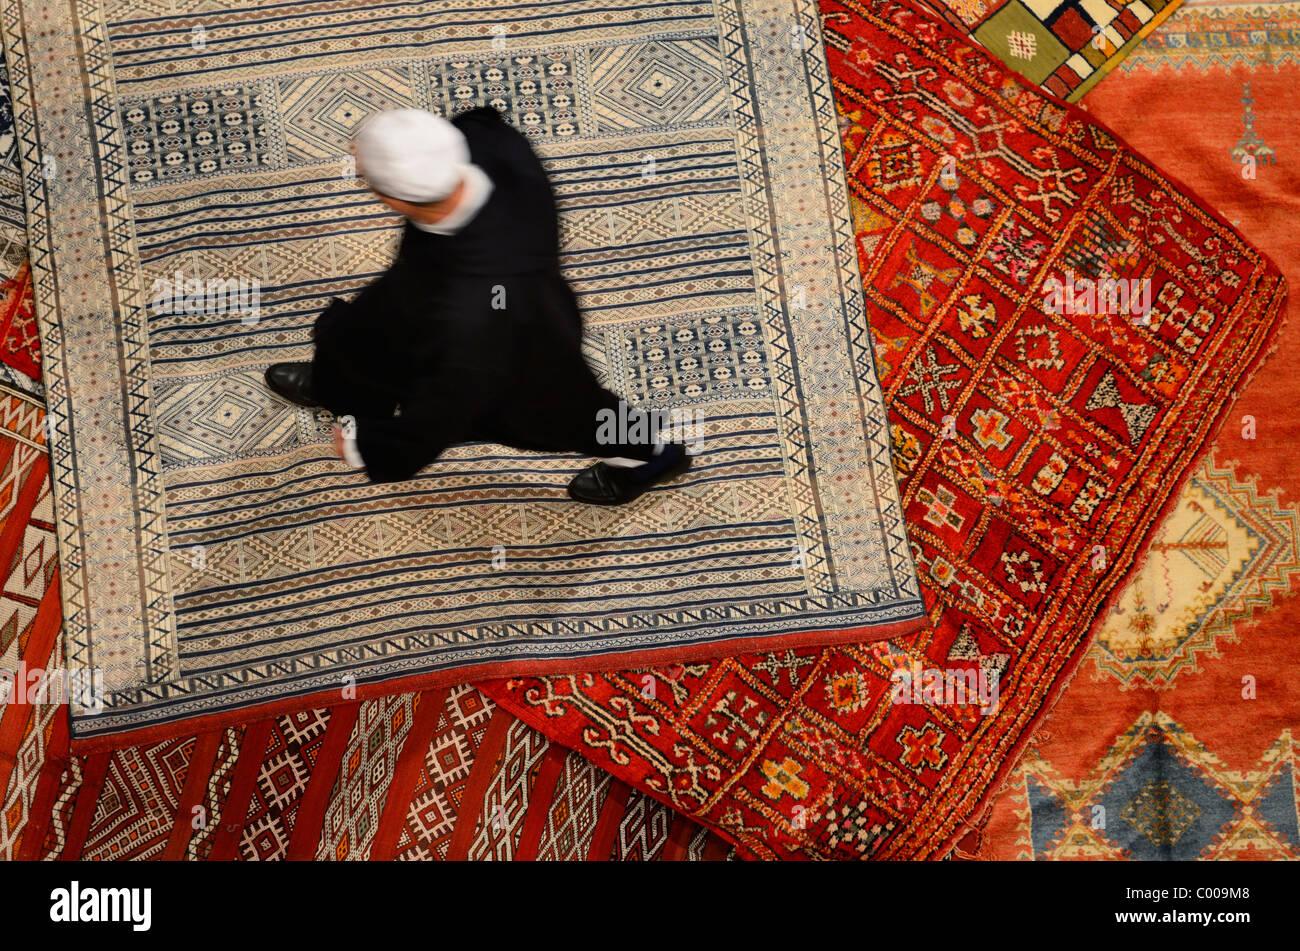 Riad Marocain Proprietaire De L Achat D Un Nouveau Tapis Persan A